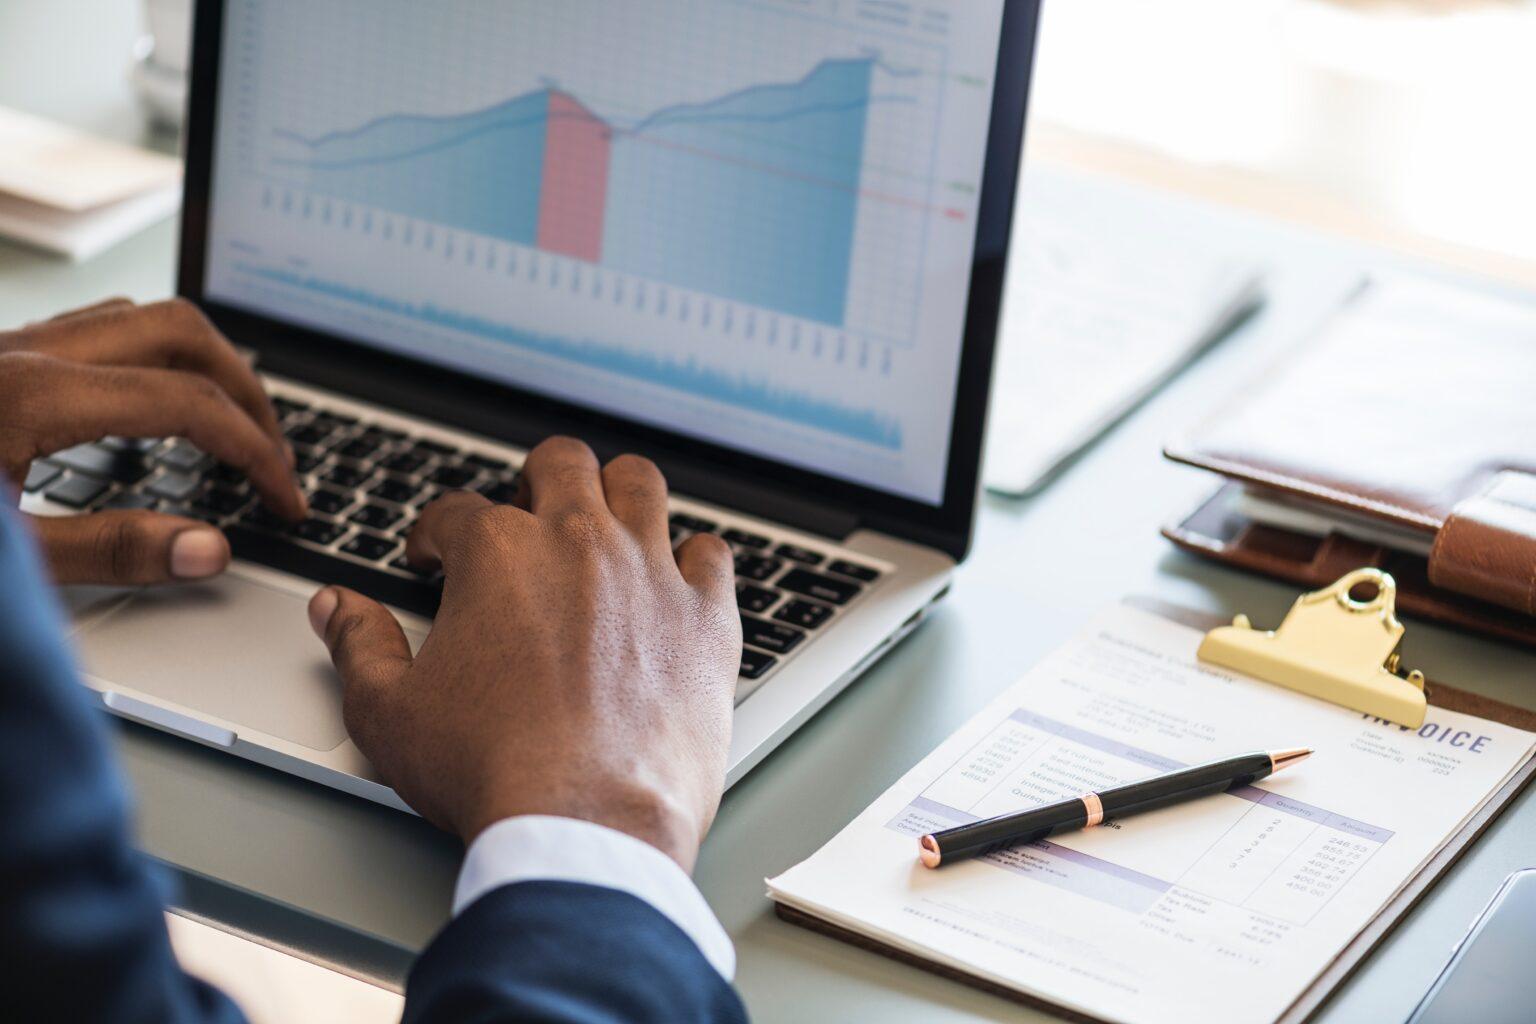 Indicadores de endividamento mostram a saúde financeira de empresas